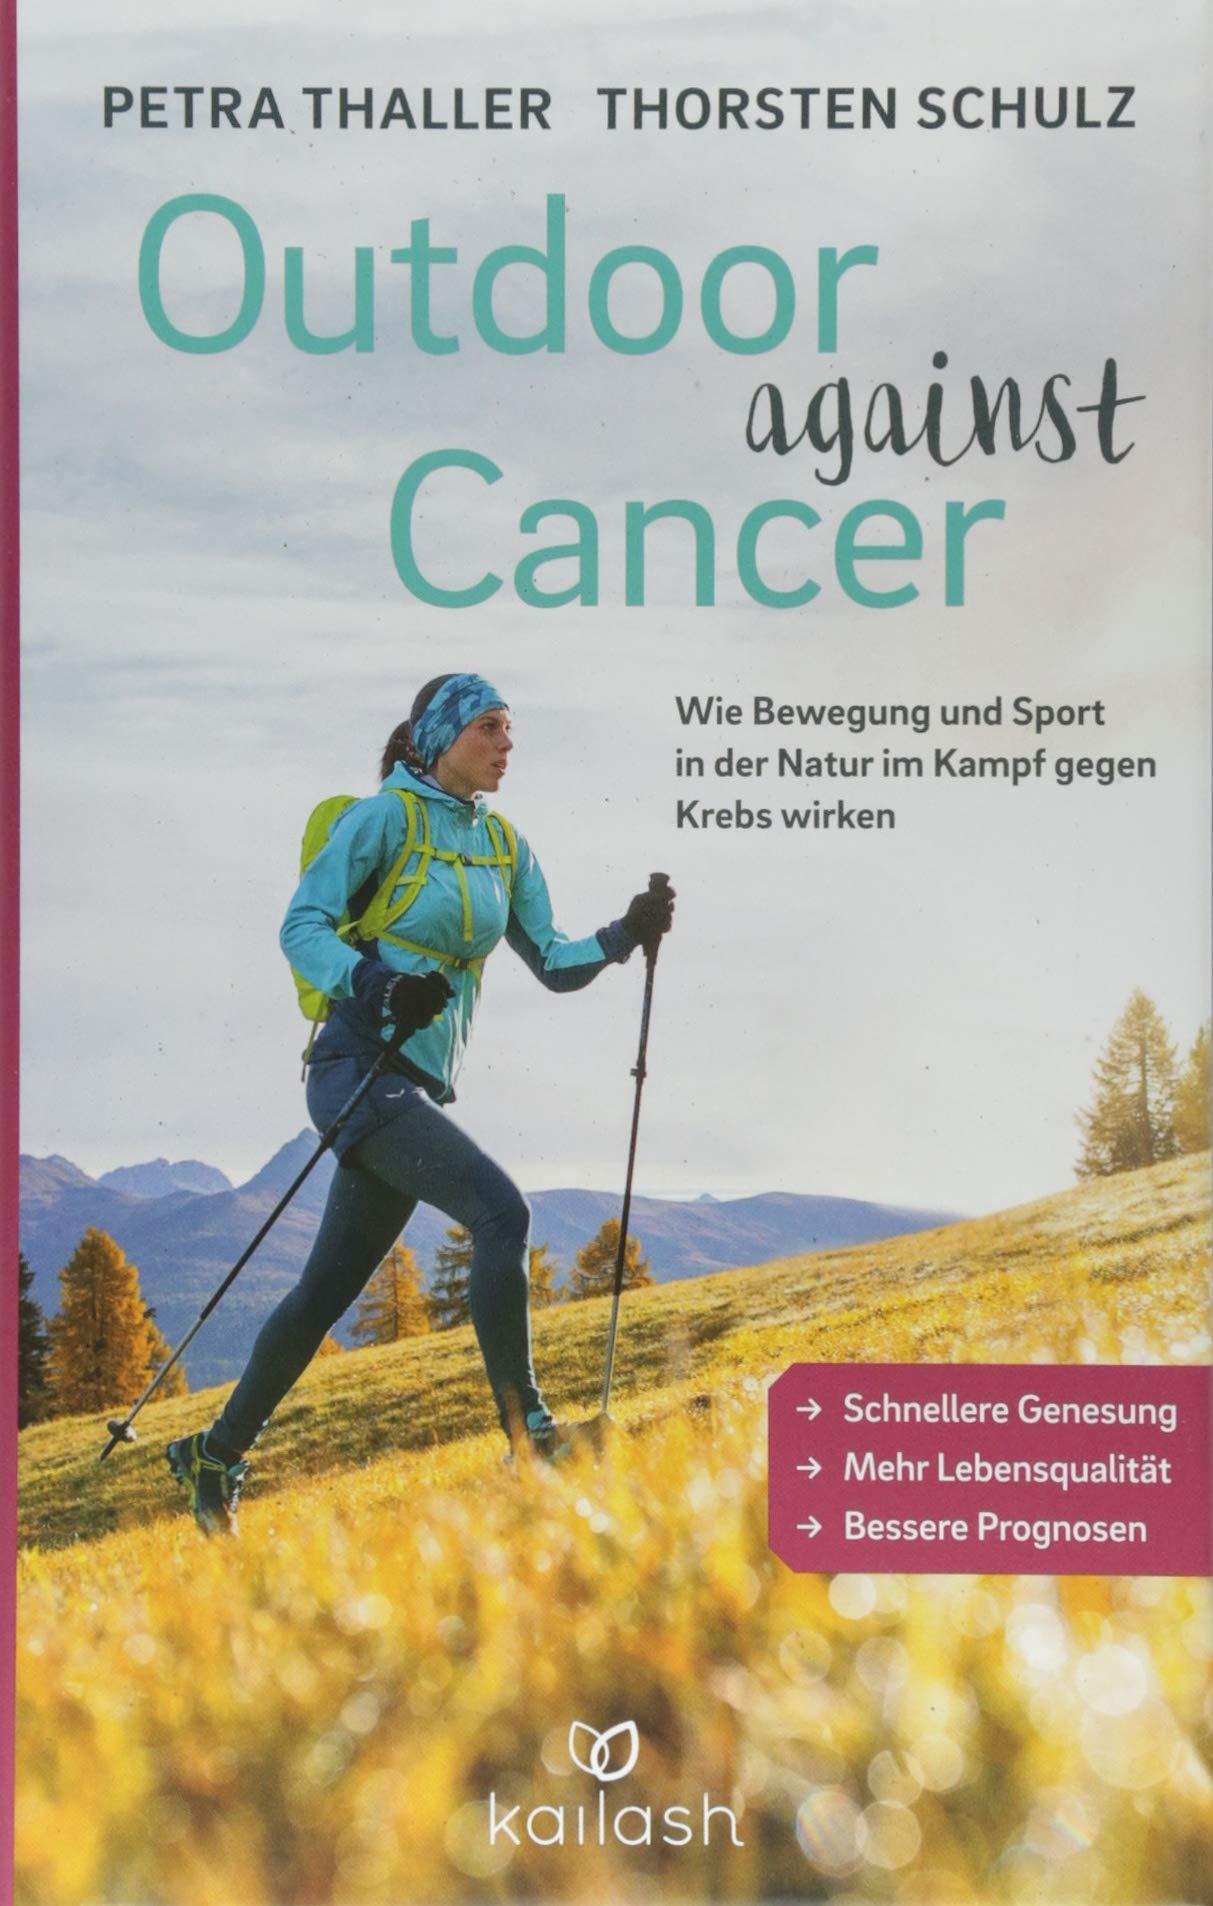 Outdoor against Cancer: Wie Bewegung und Sport in der Natur im Kampf gegen Krebs wirken